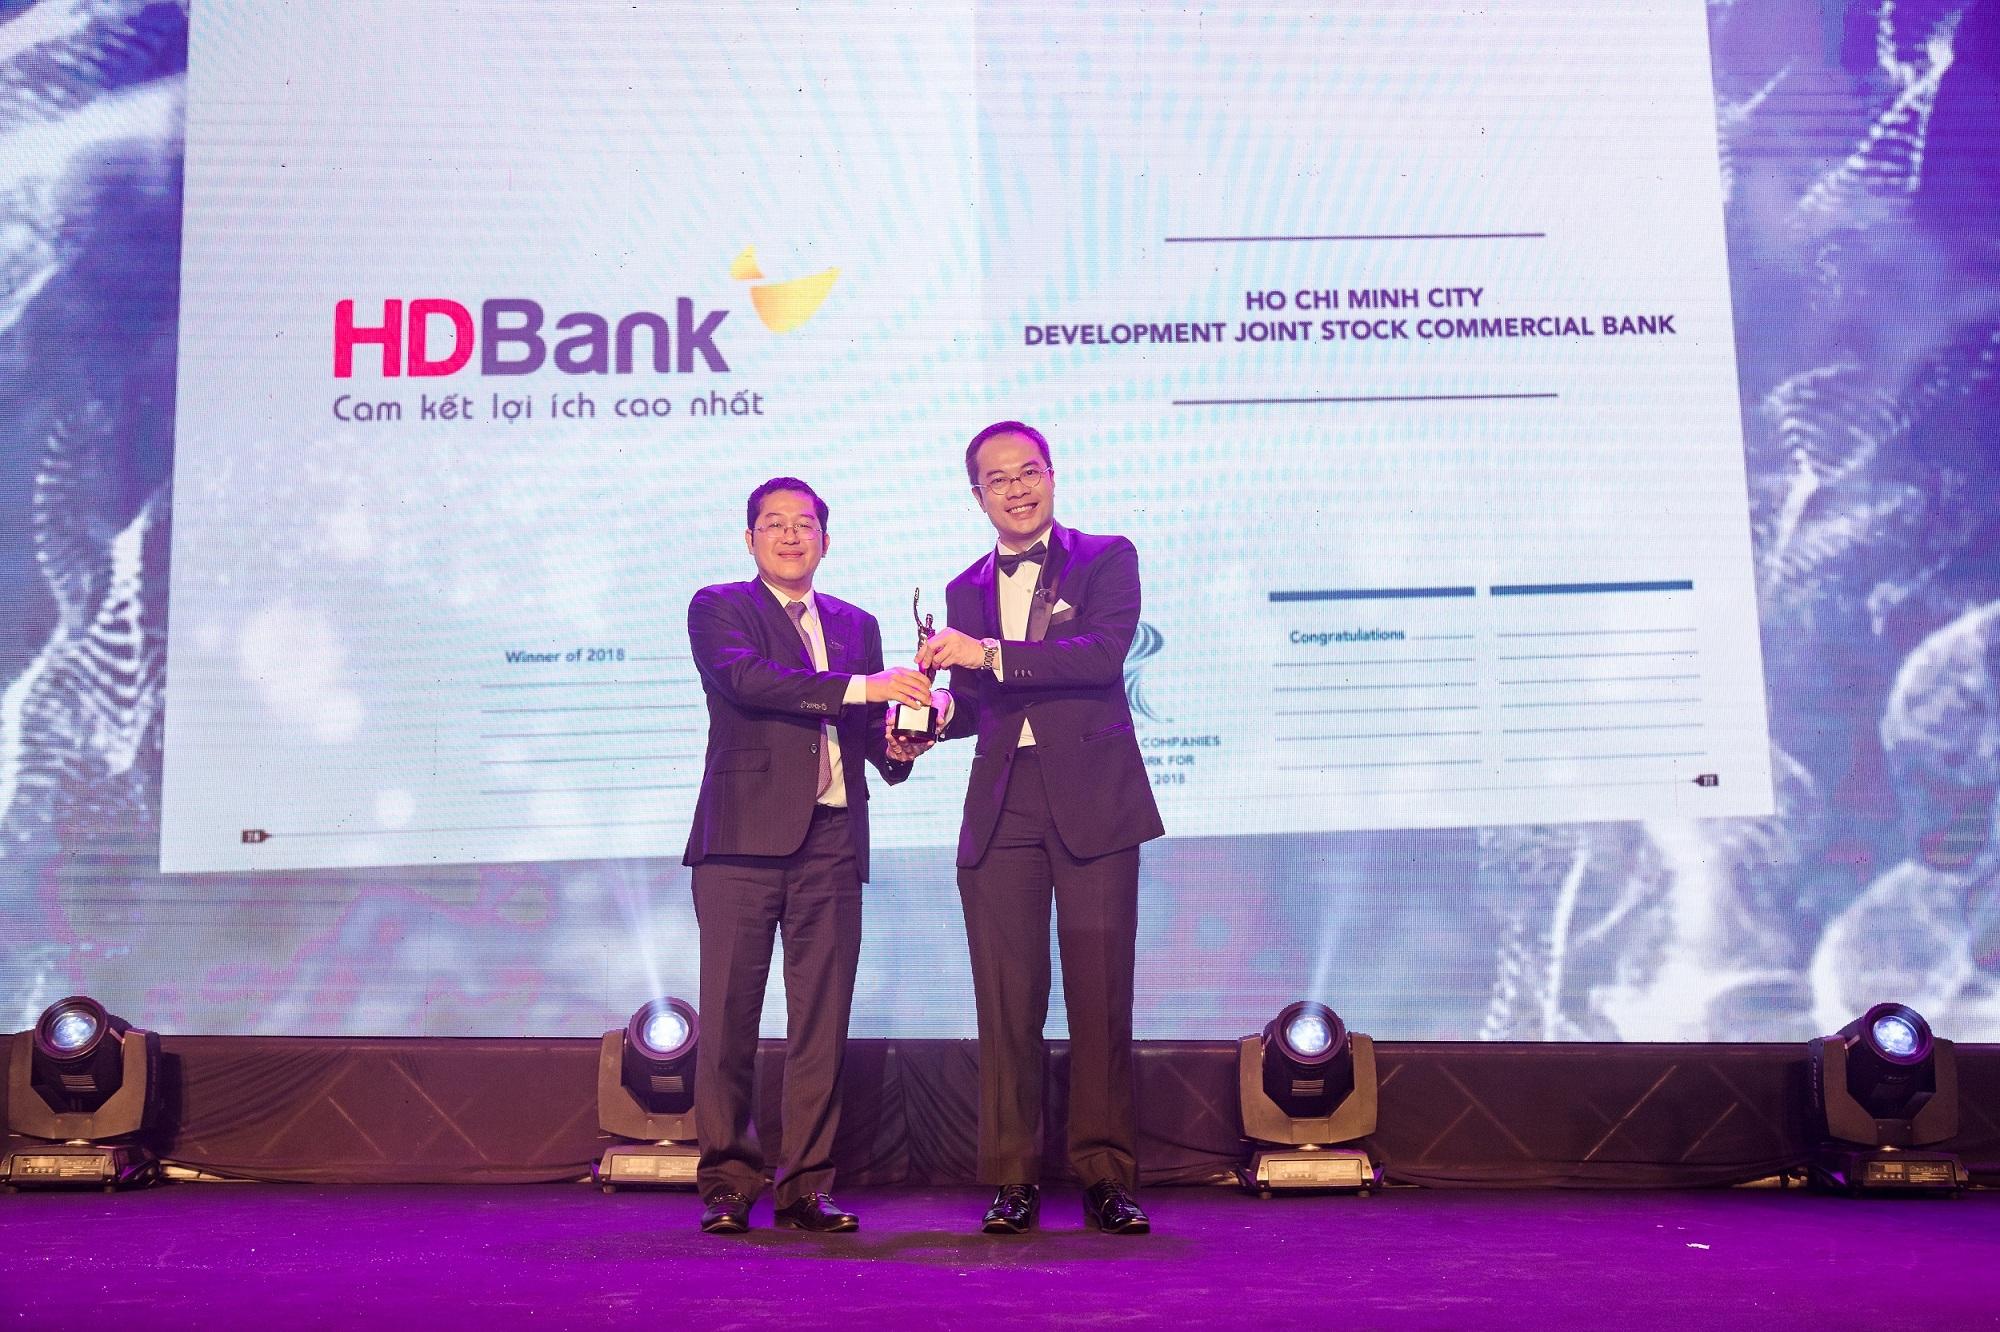 HDBank được bình chọn là nơi làm việc tốt nhất châu Á năm 2018 - Ảnh 1.